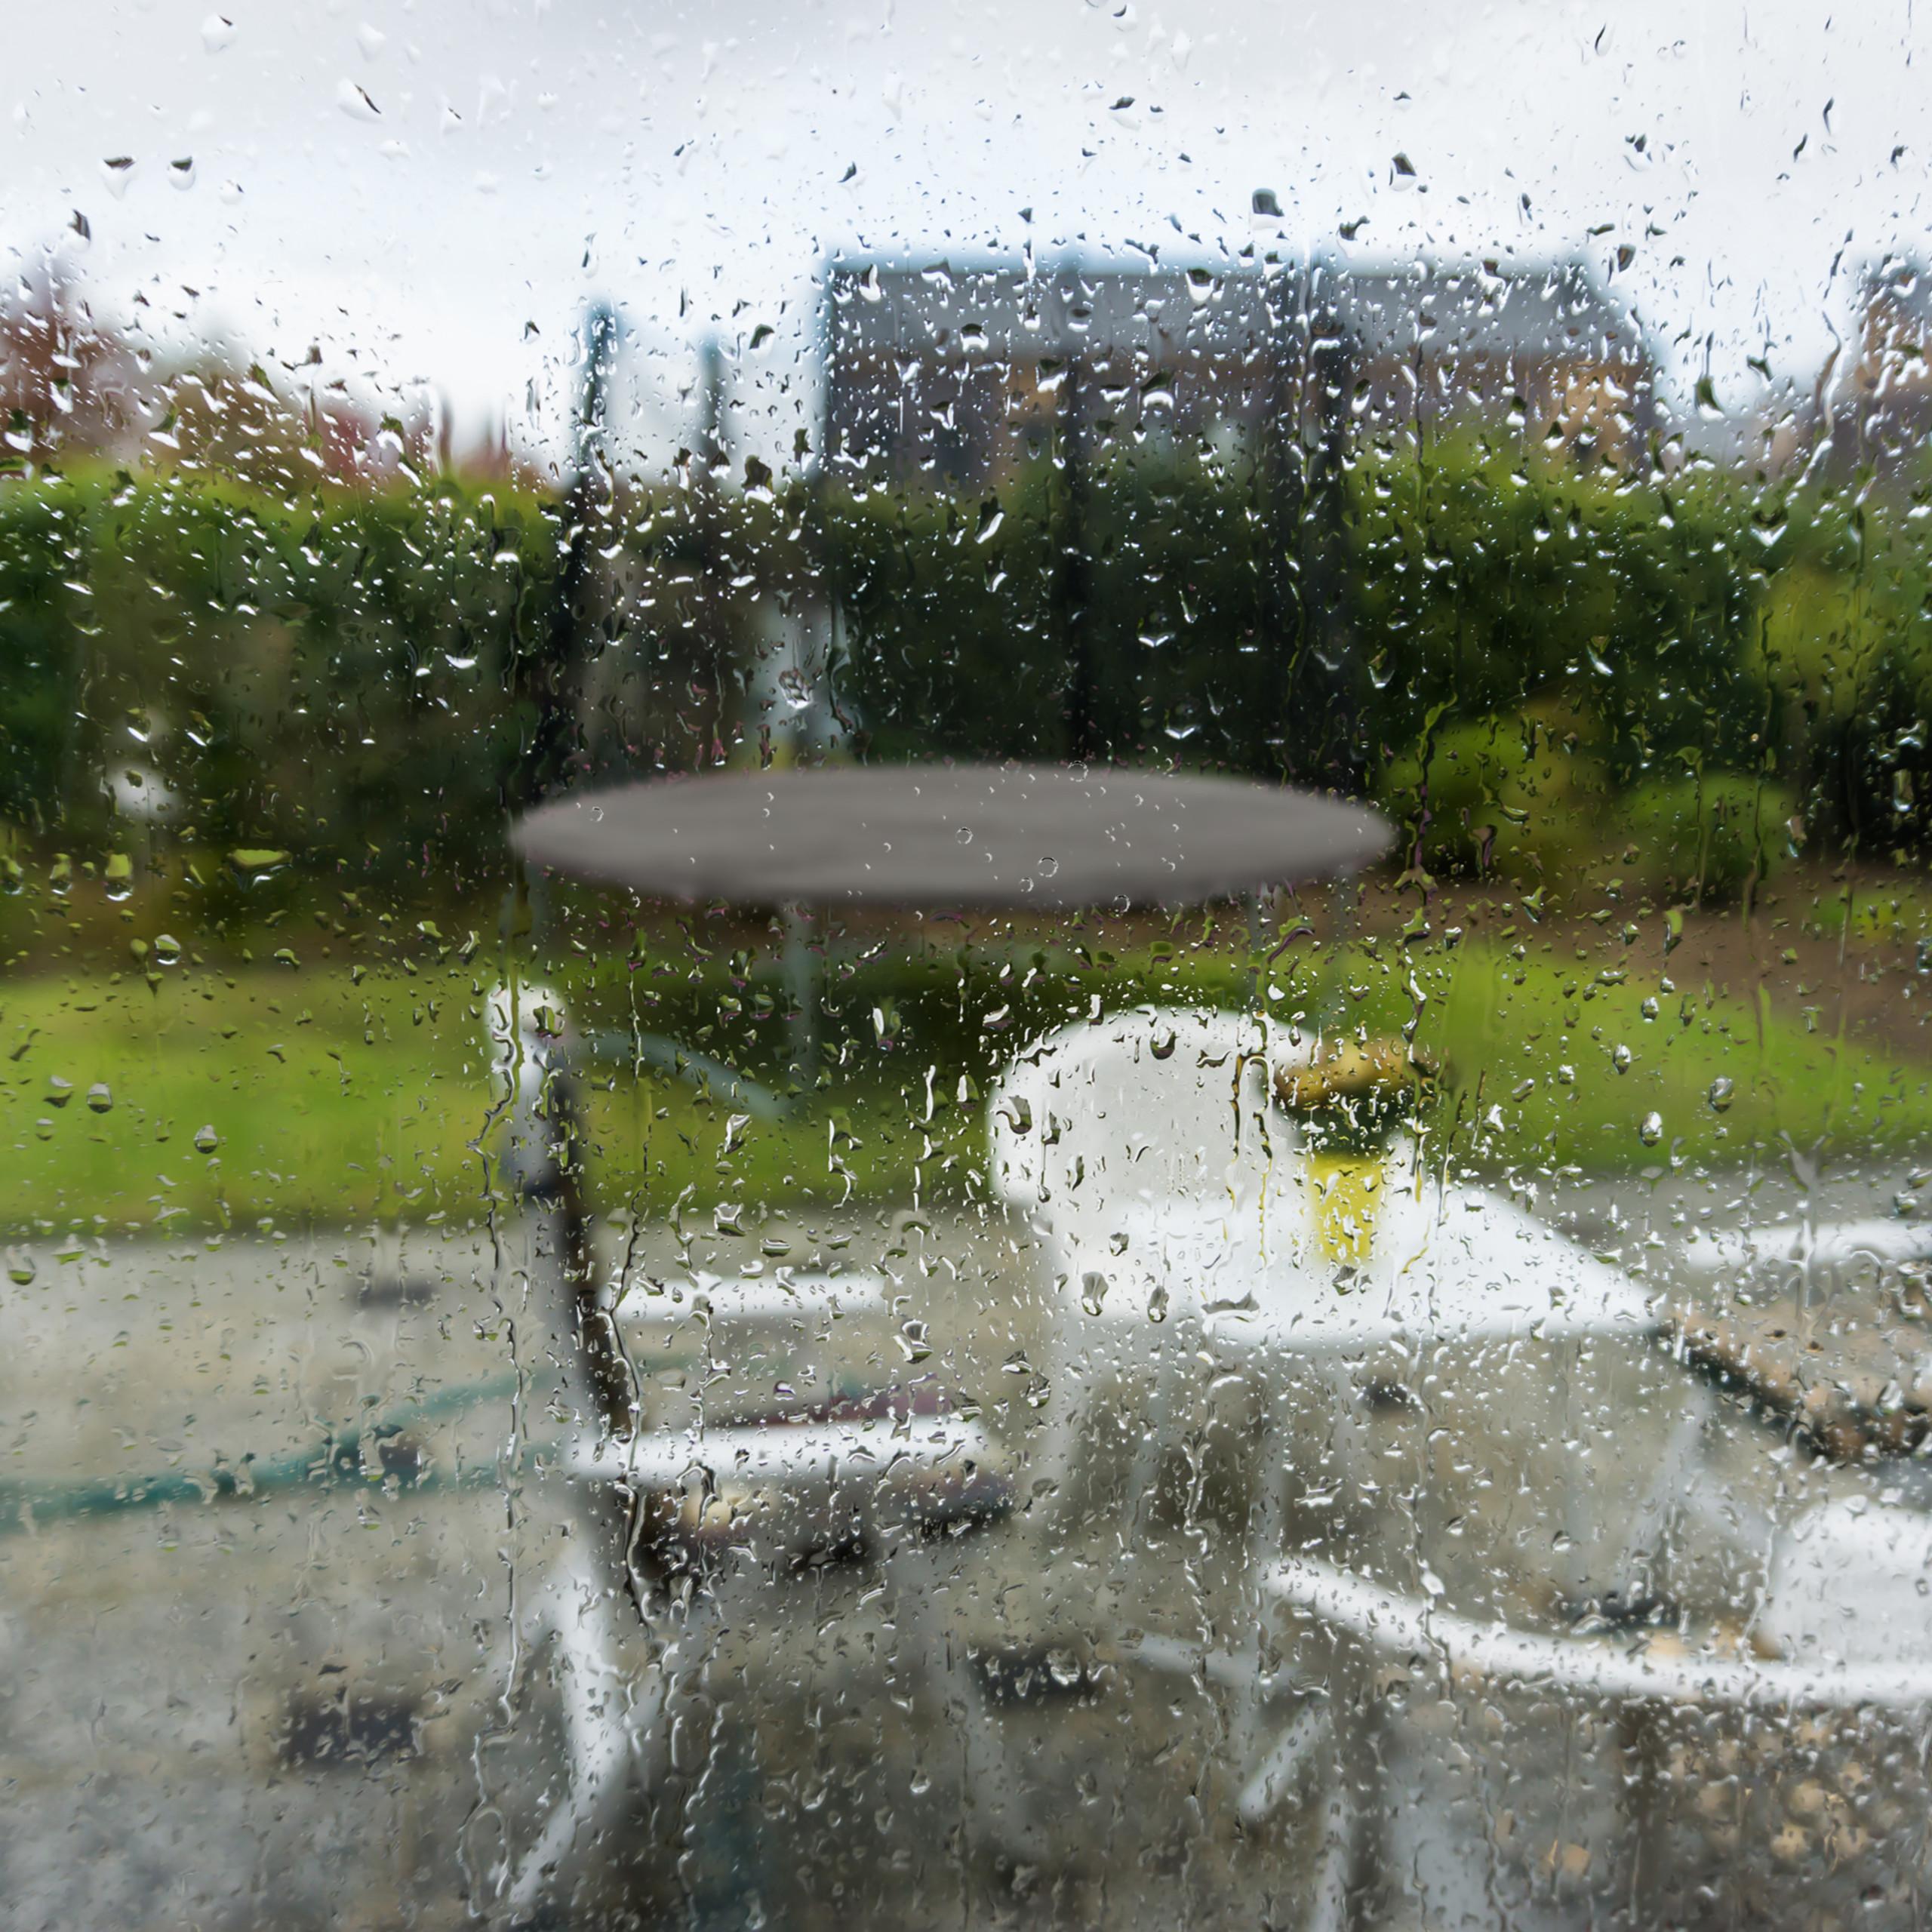 Housse-de-Protection-pour-Trampoline-Bache-pluie-vent-jardin-intemperies miniature 13